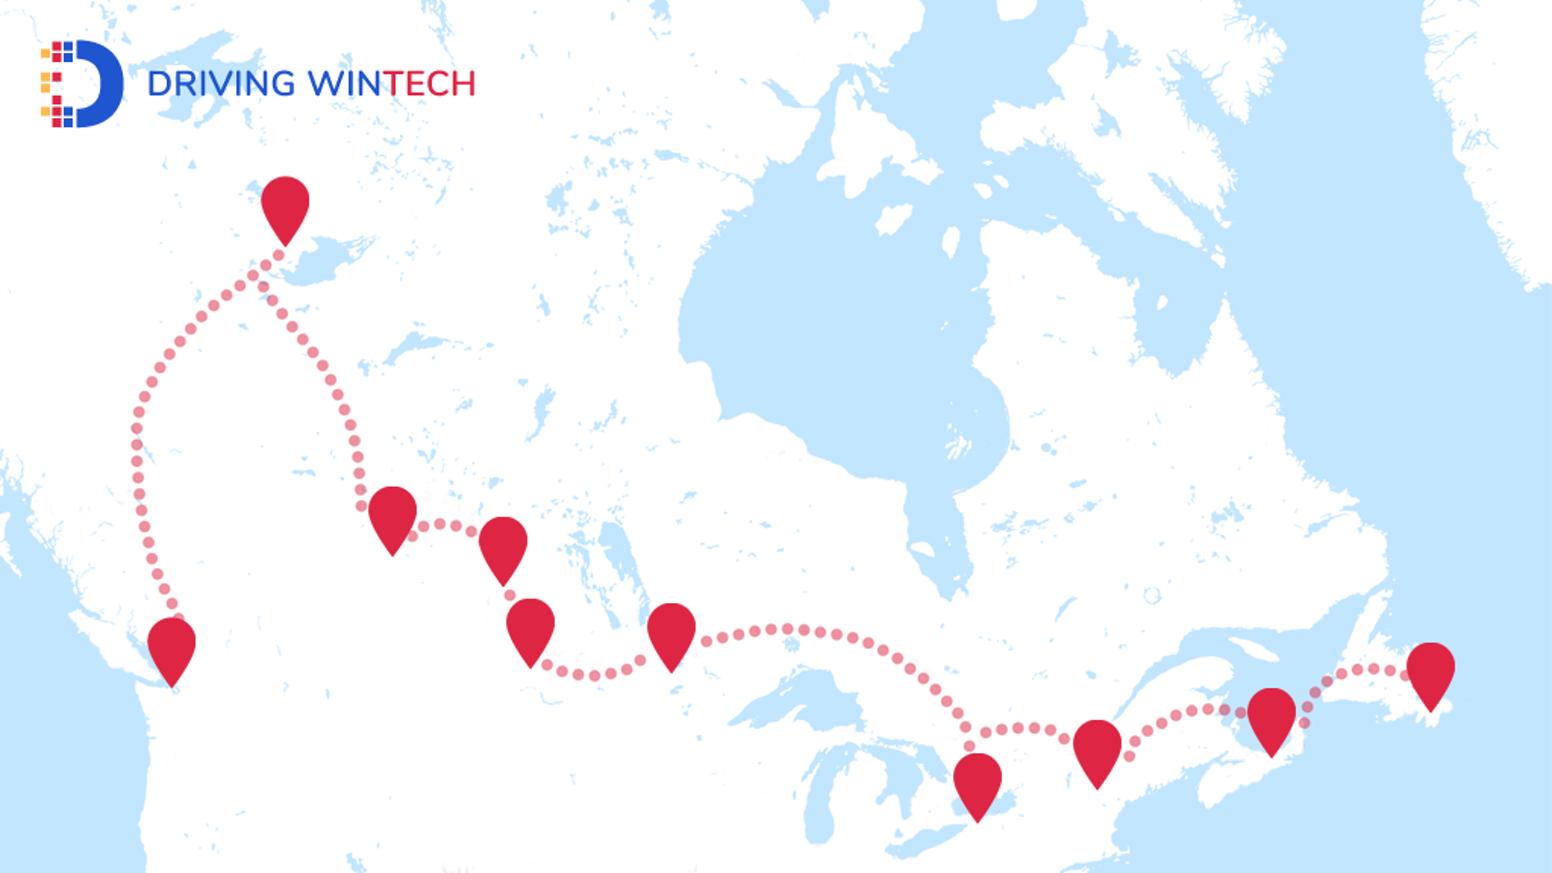 Driving WinTech Map